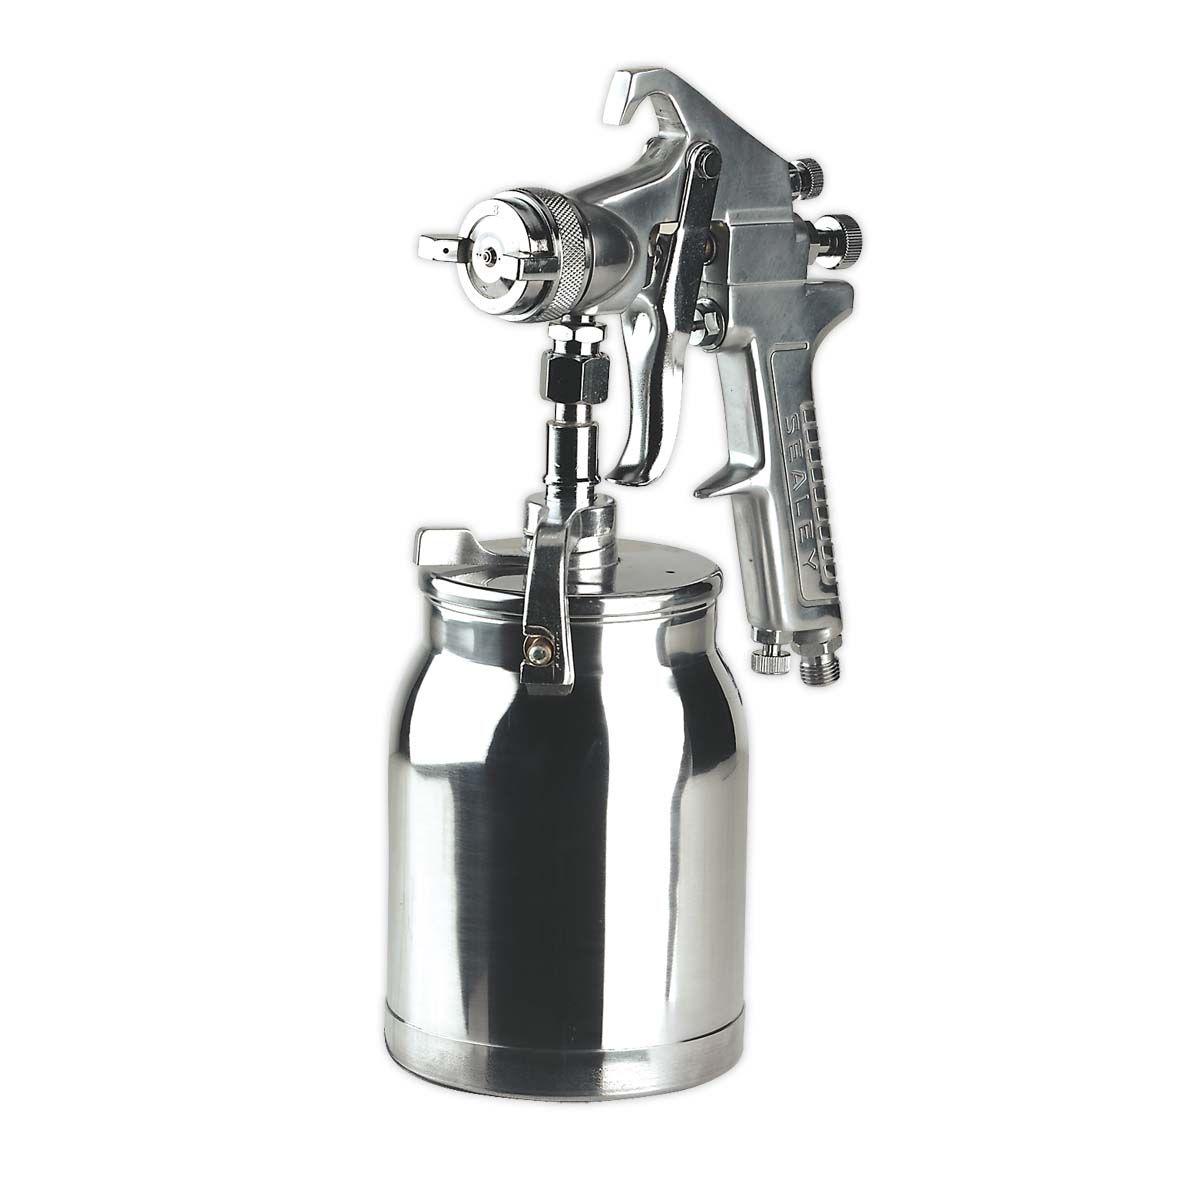 Sealey Spray Gun Suction Workshop Series 1.8mm Set-Up